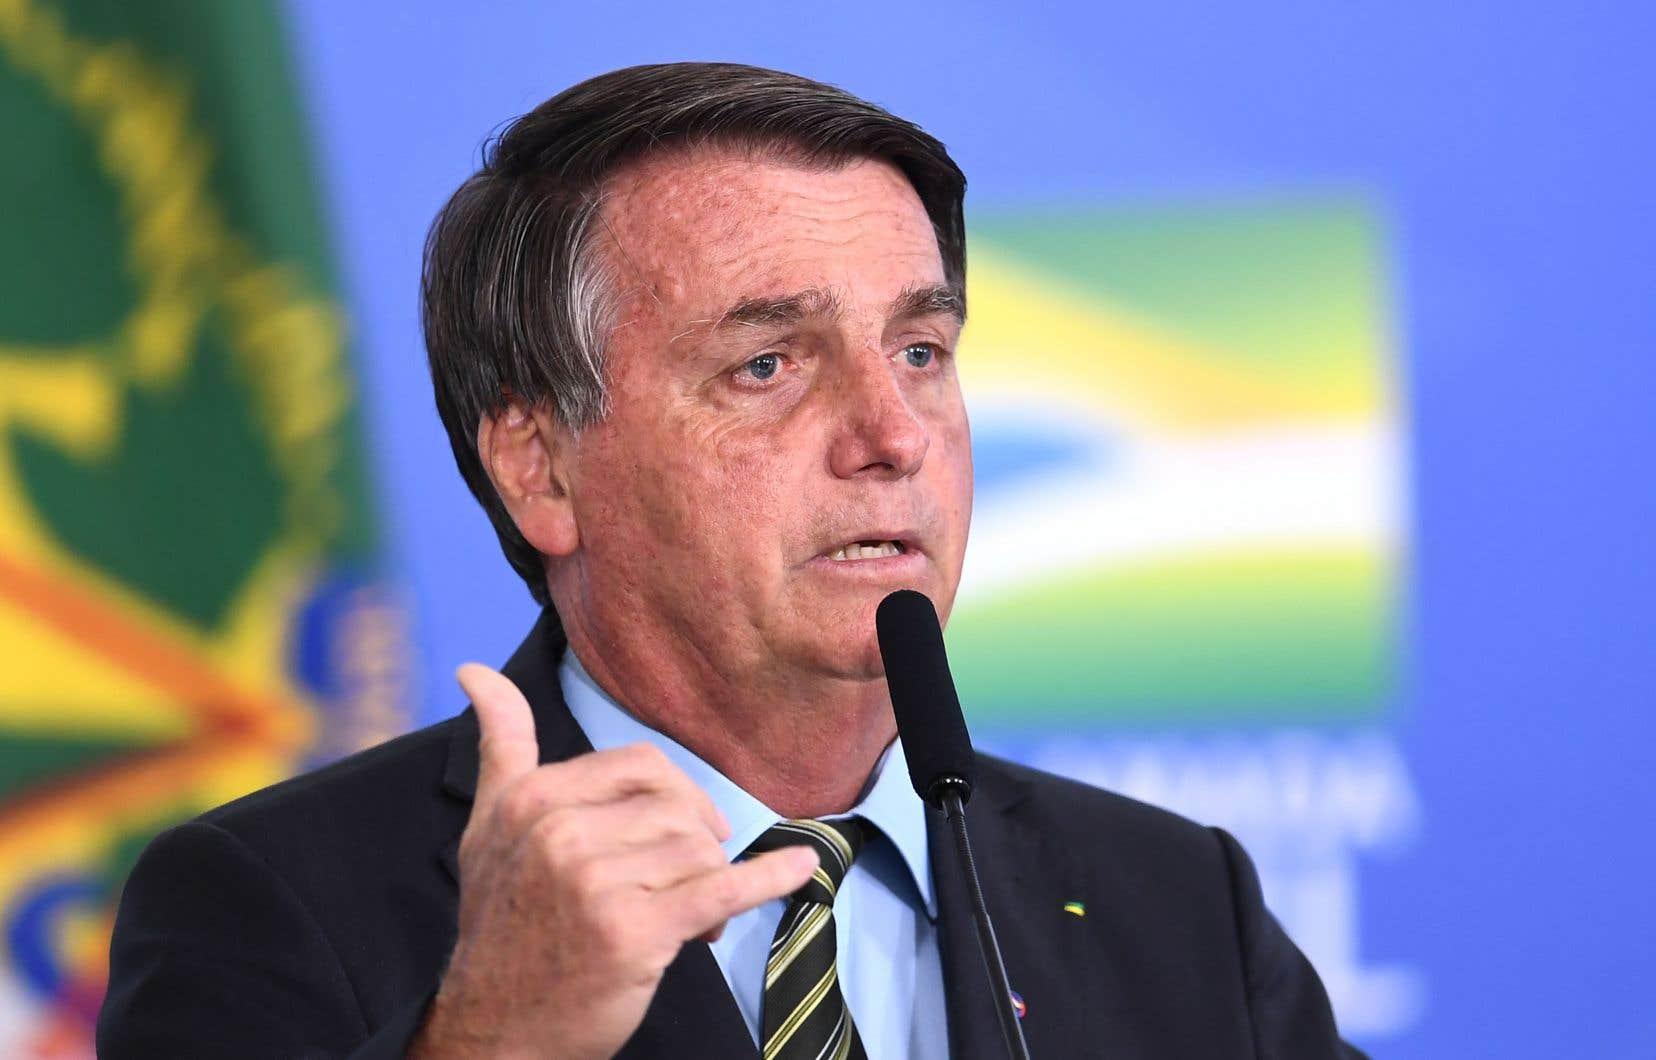 Jair Bolsonaro est sous pression internationale, y compris de la part d'investisseurs inquiets de l'avancée de la déforestation et de la recrudescence des incendies en Amazonie.